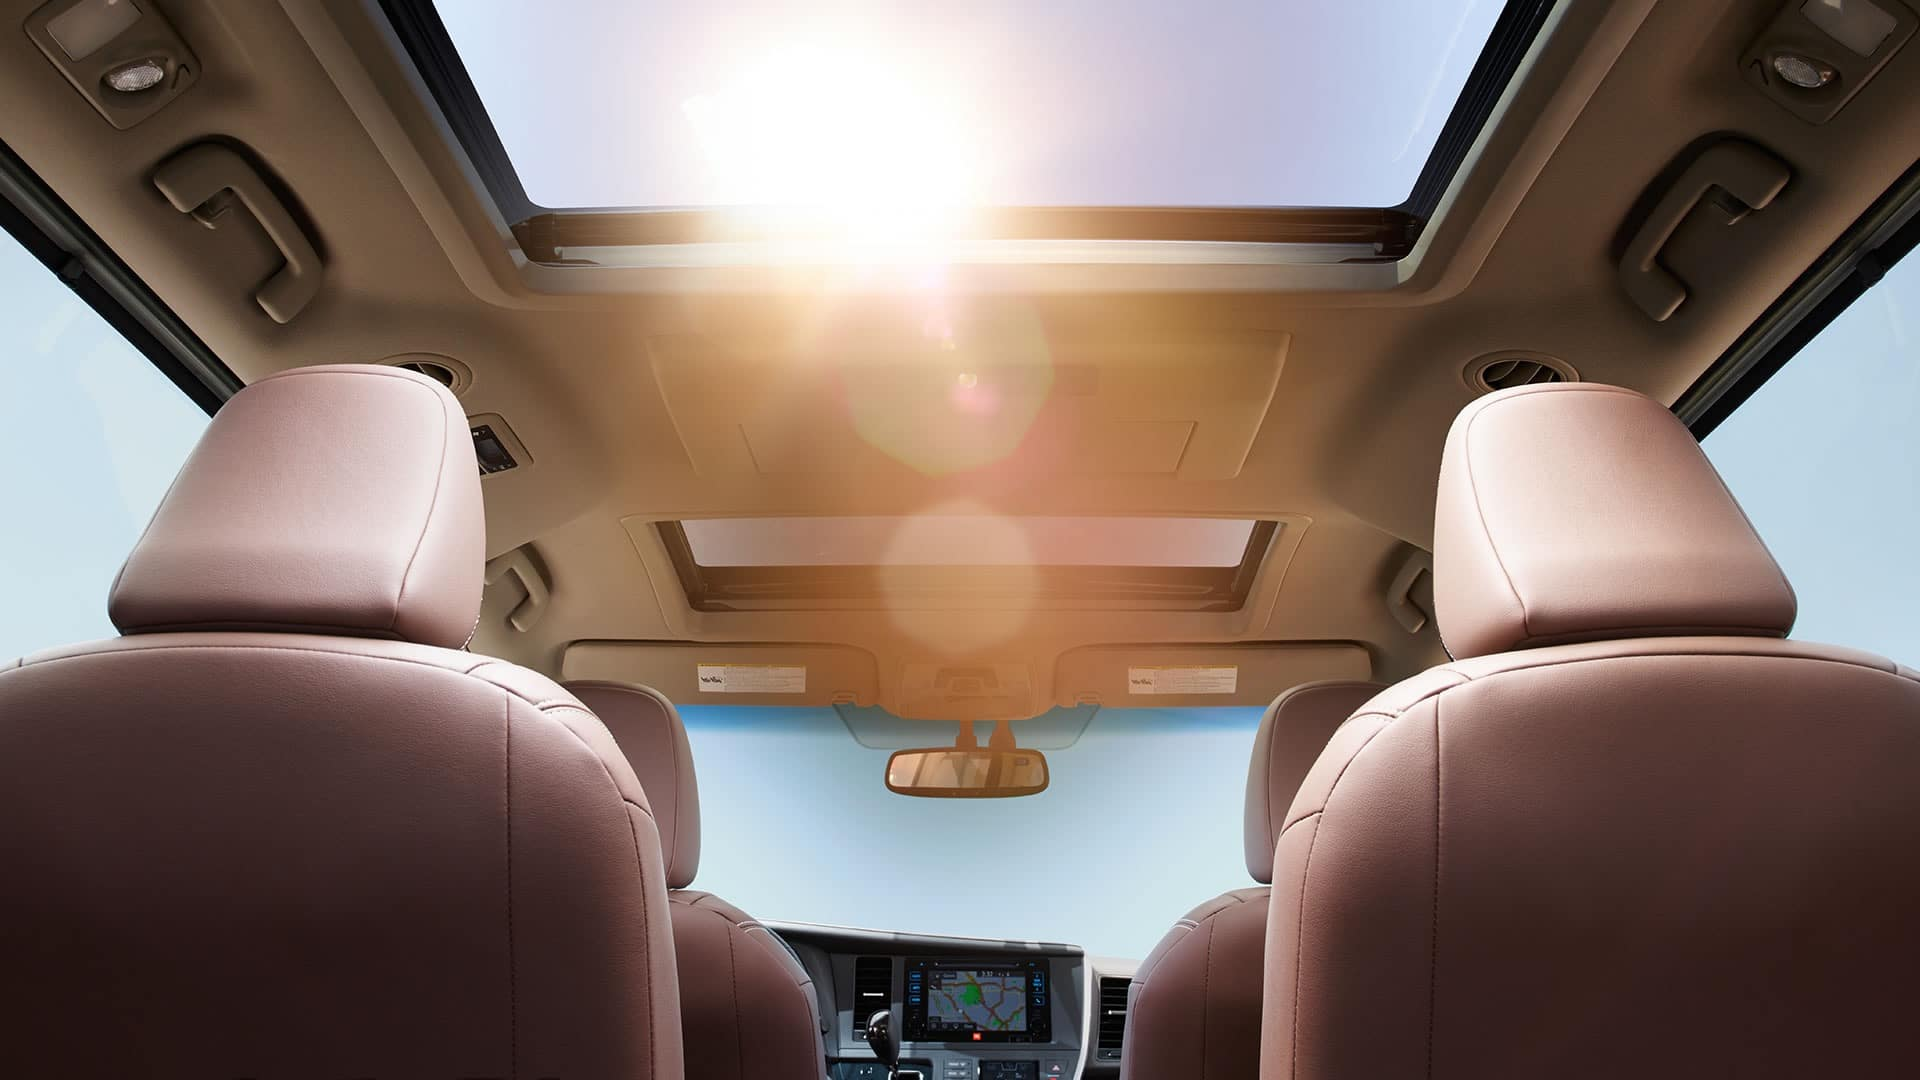 2017 Toyota Sienna Limited Premium FWD interior Chestnut with White Accent Stitching